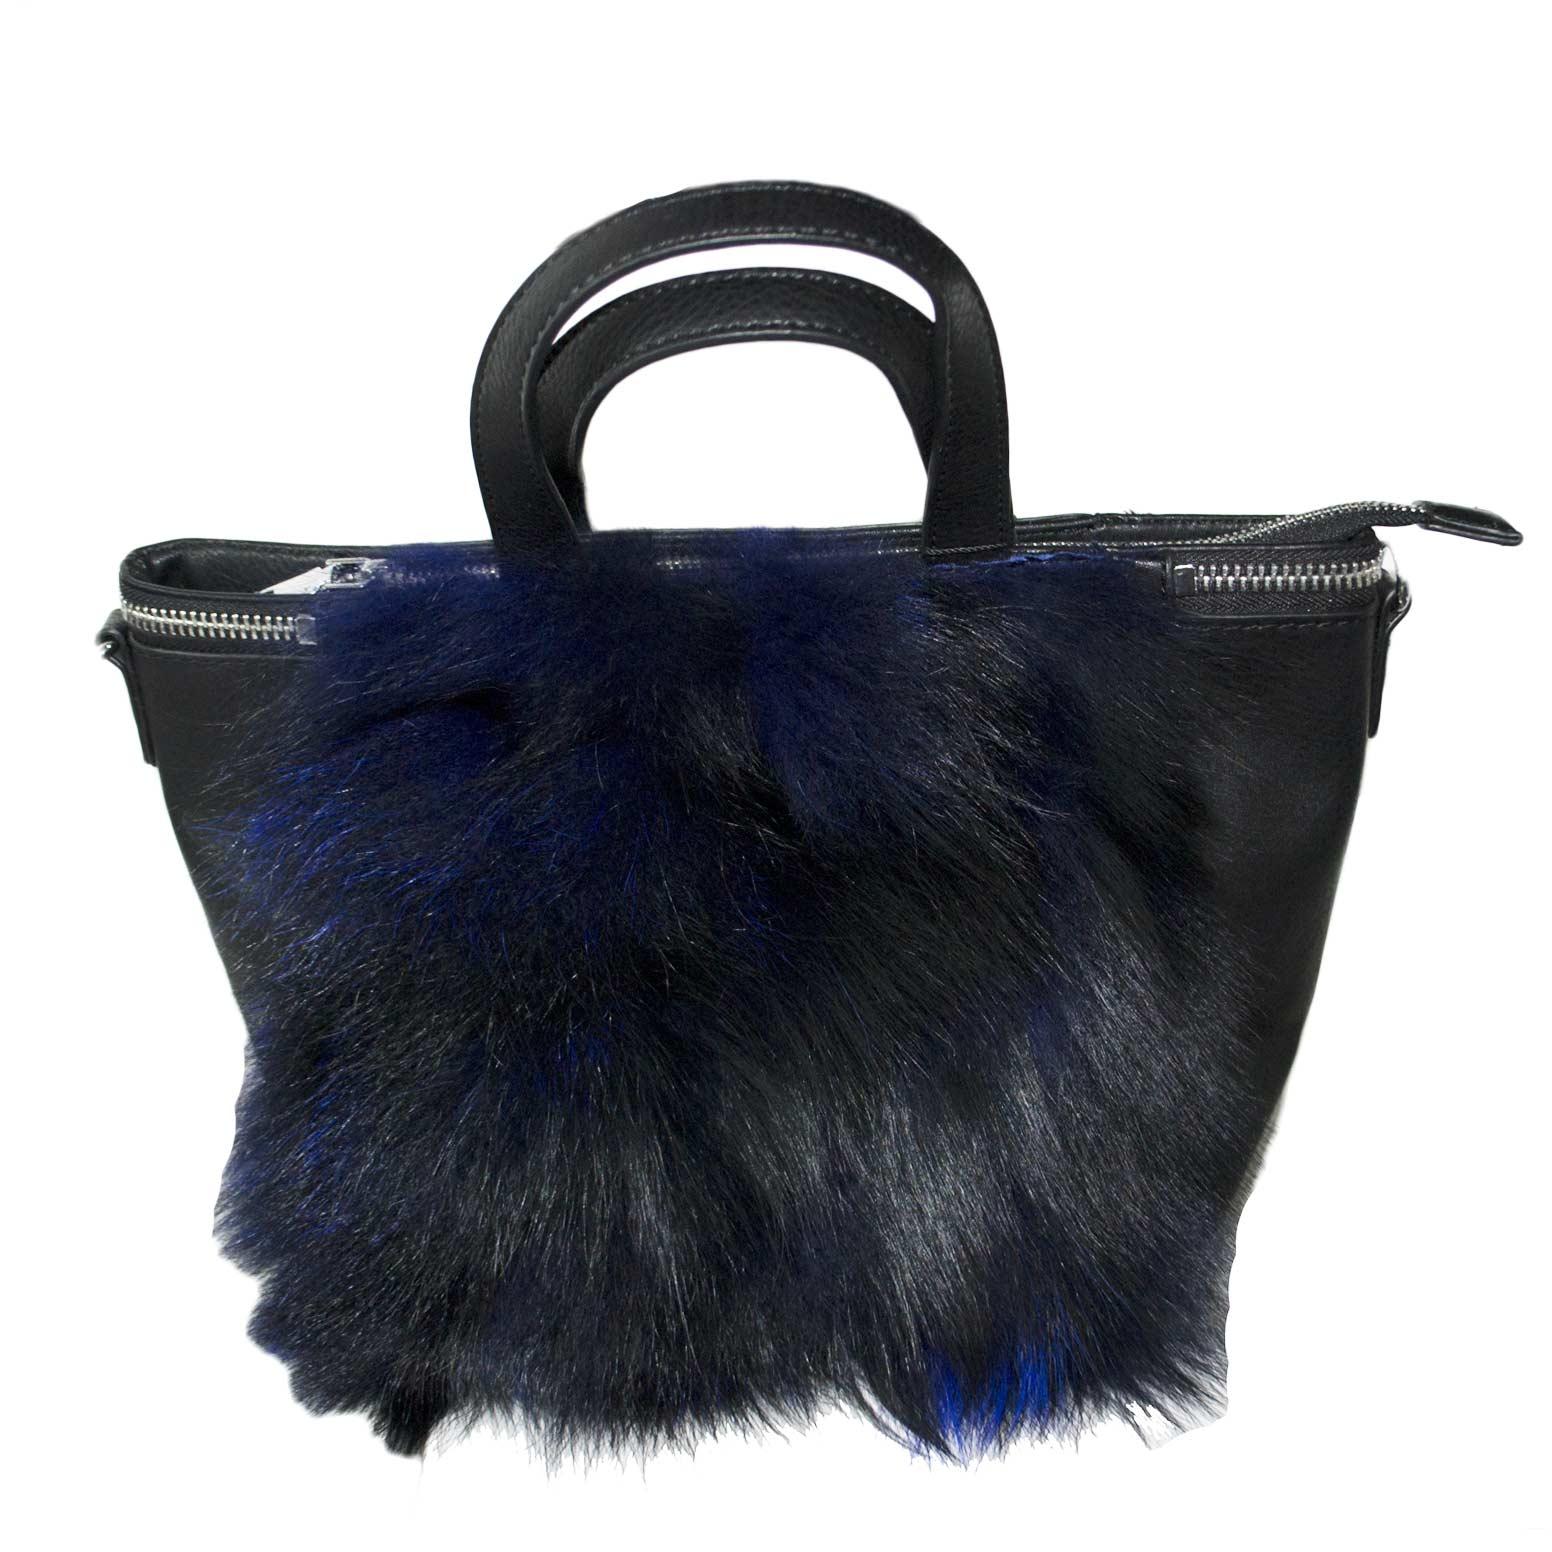 best sneakers dcefc 790fc Pochette borsa donna pelliccia blu moda very cool tendenza nero art 0022  donna pochette made in italy | MaluShoes